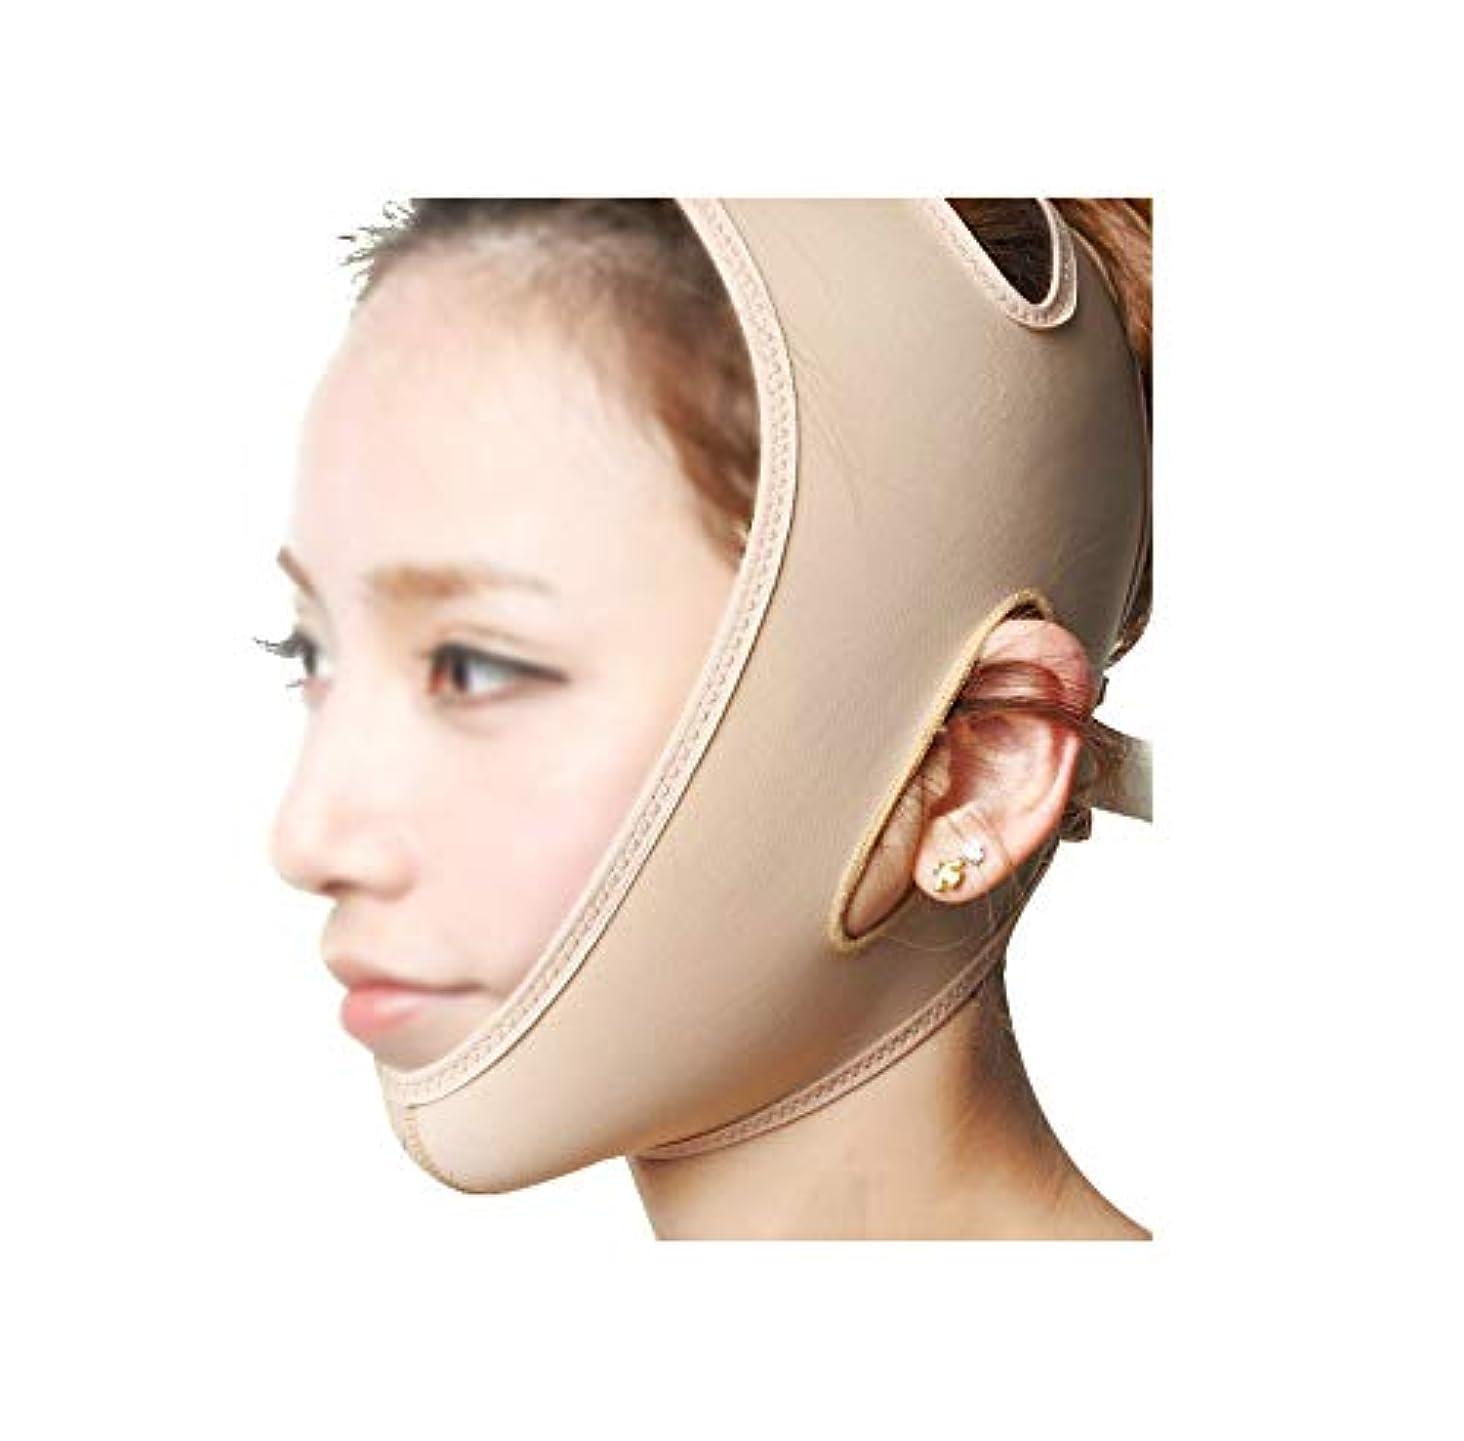 締め切りメール楽観的フェイスリフティング包帯vフェイス楽器フェイスマスクアーチファクトフェイスリフティング引き締めフェイシャルマッサージ通気性肌のトーン (Size : S)